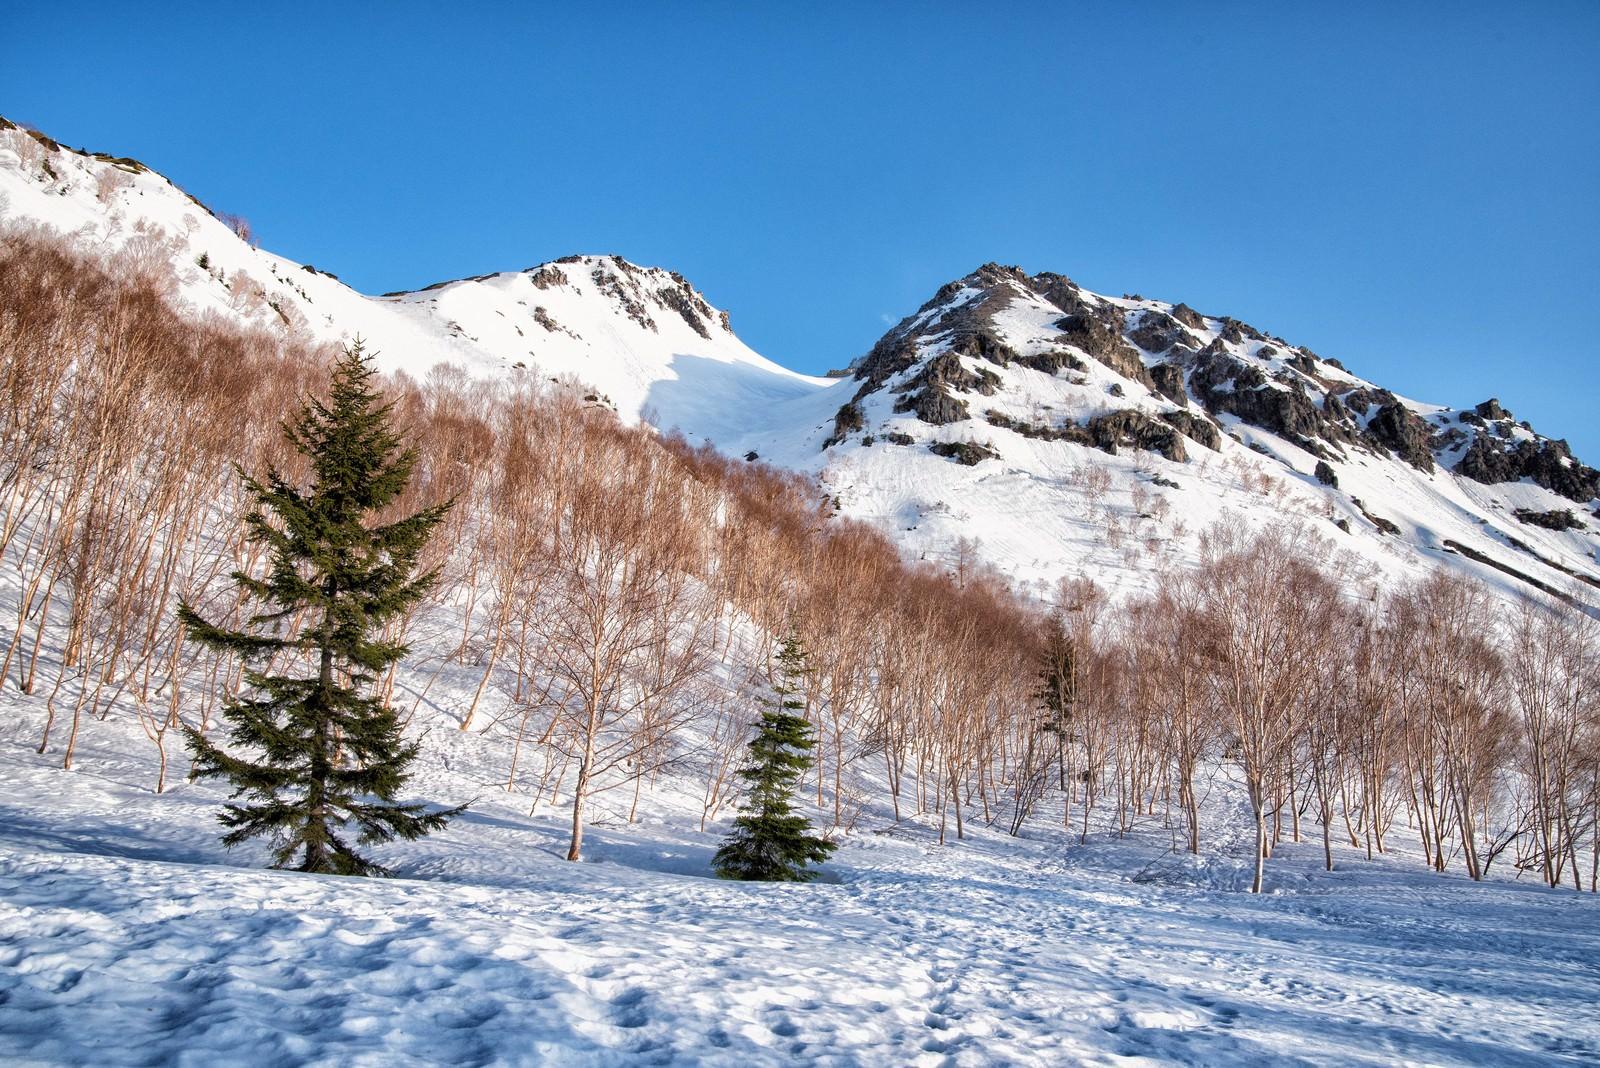 「焼岳の北峰と南峰」の写真